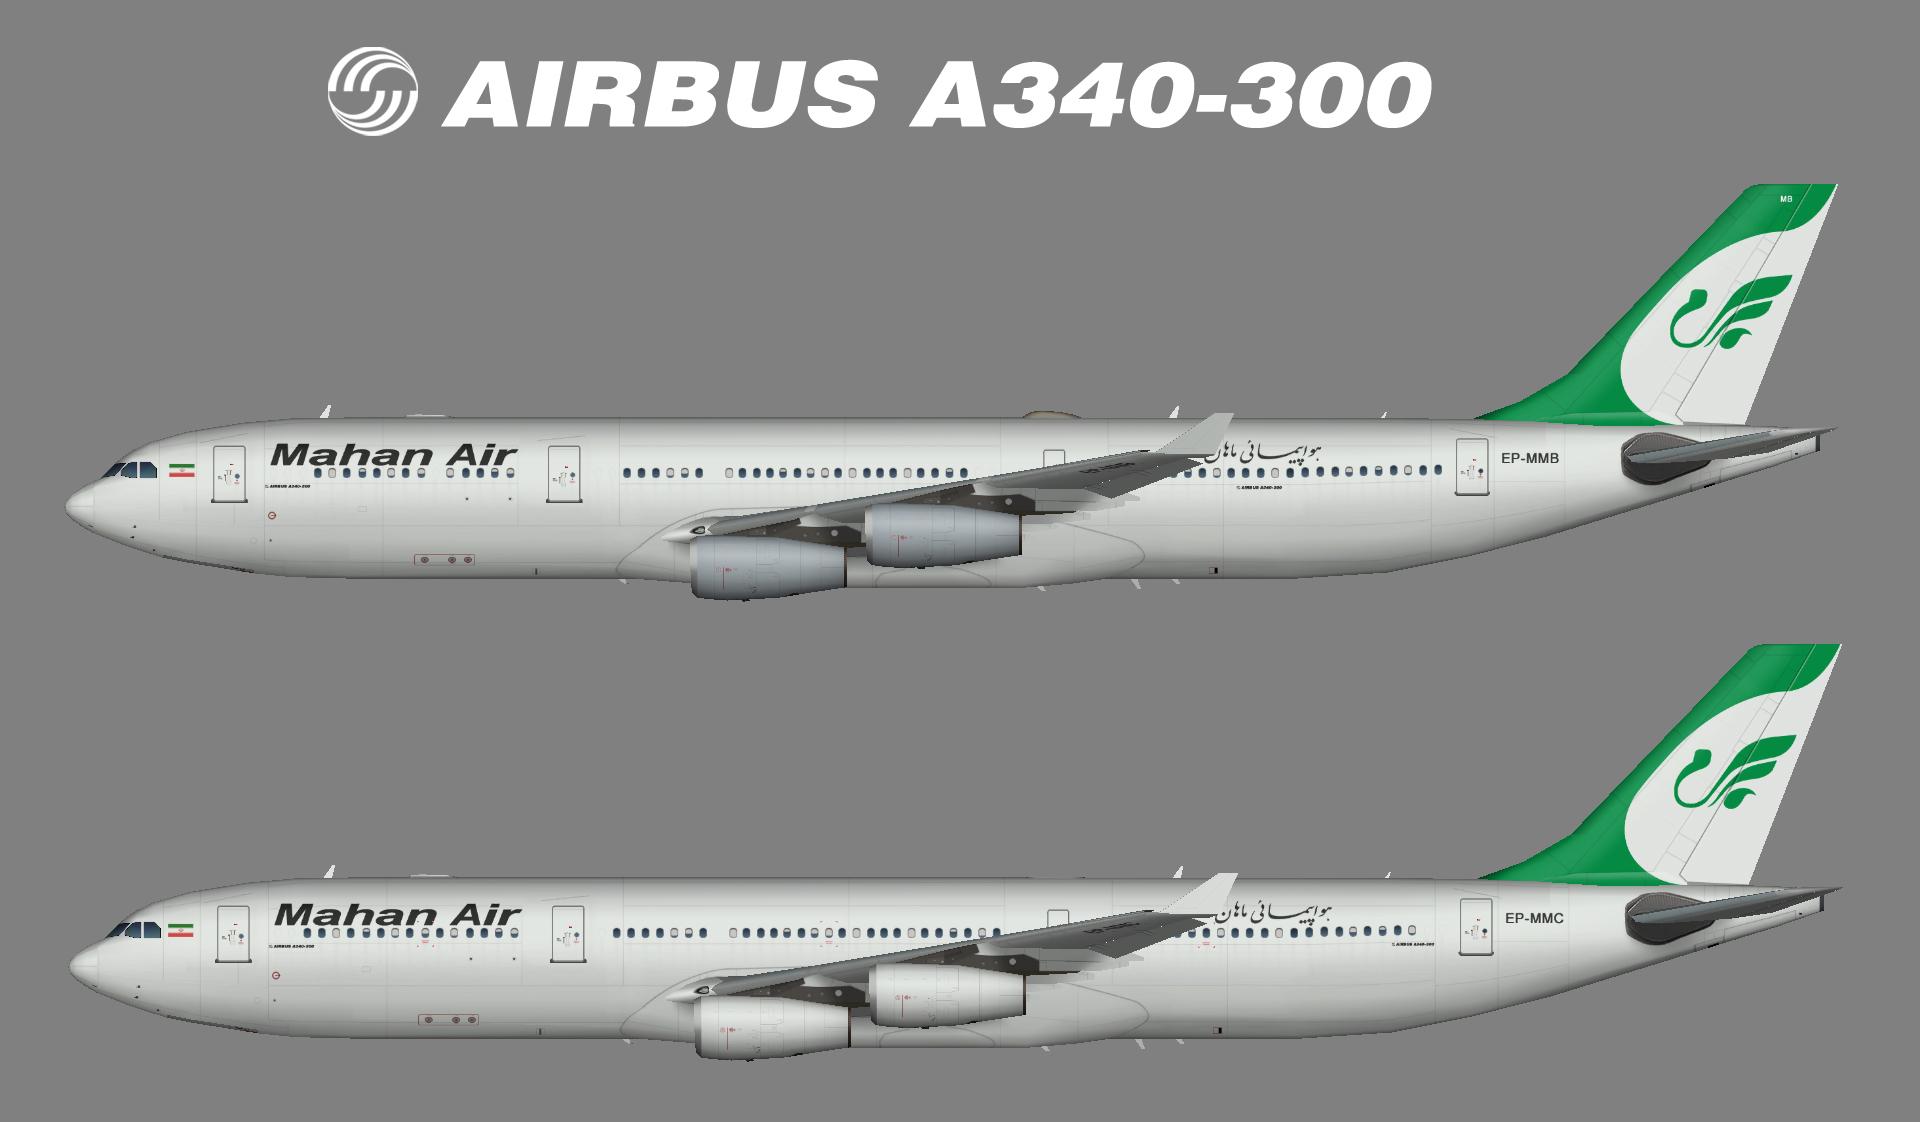 Mahan Air A340-300